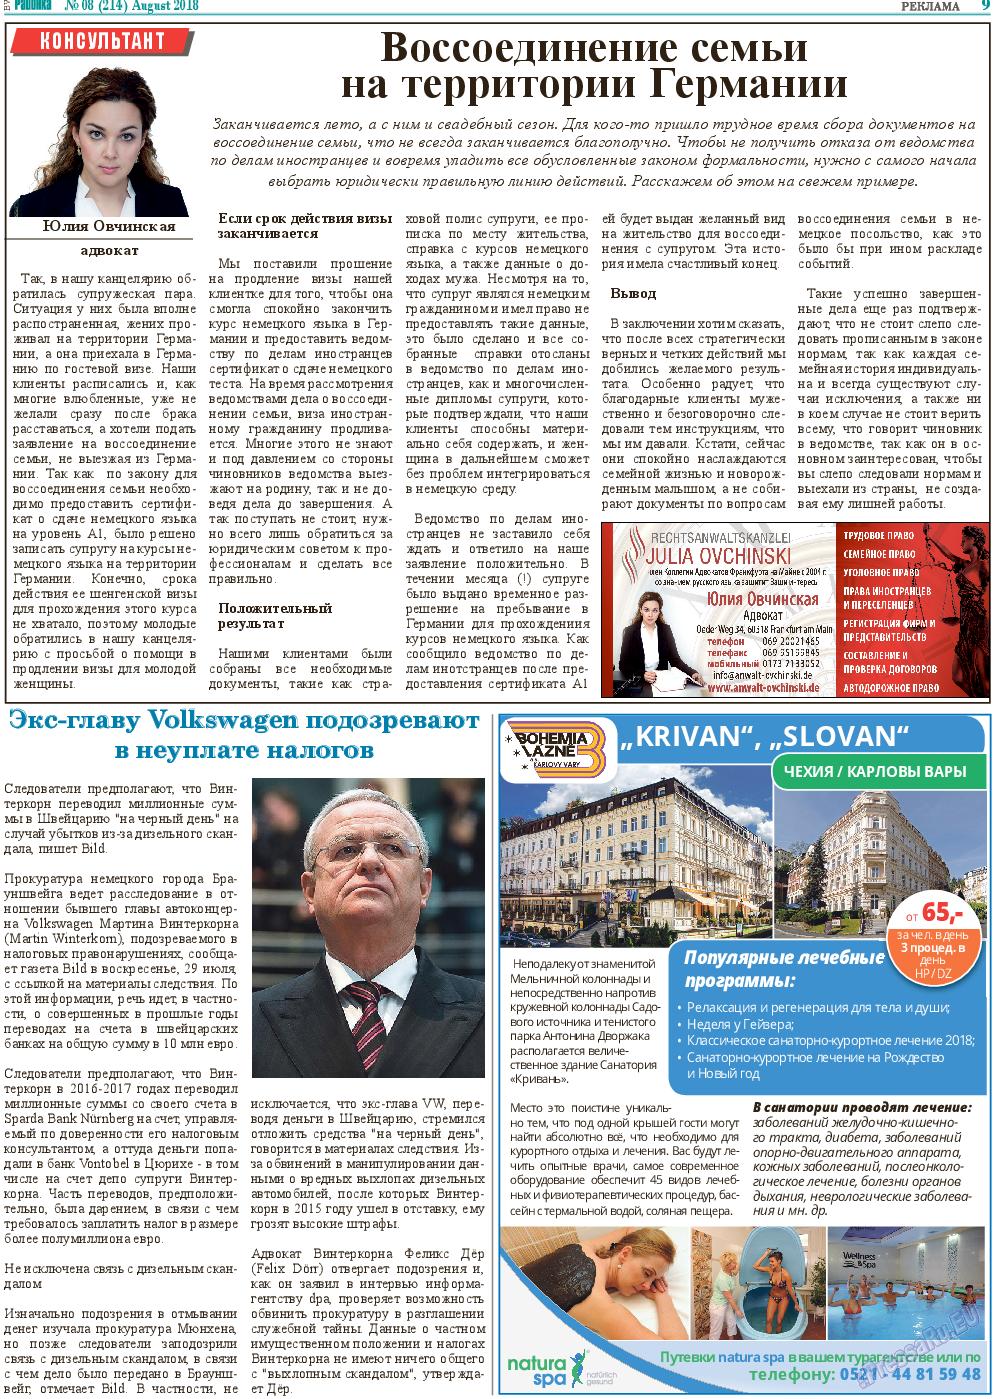 Районка-West (газета). 2018 год, номер 8, стр. 9